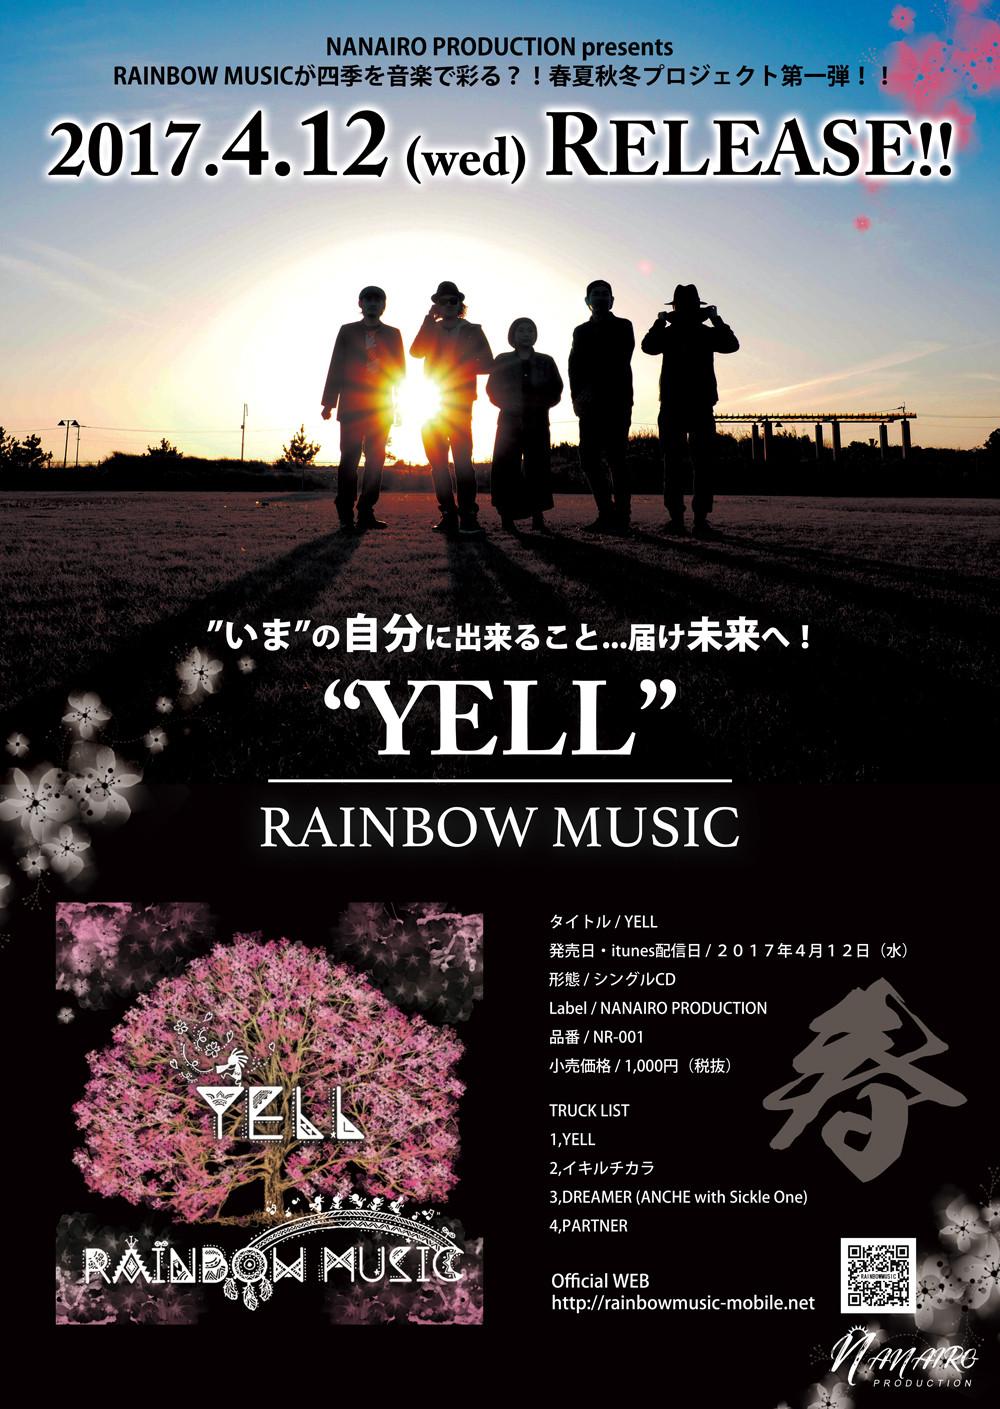 YELL_RAINBOW MUSIC_リリースポスター